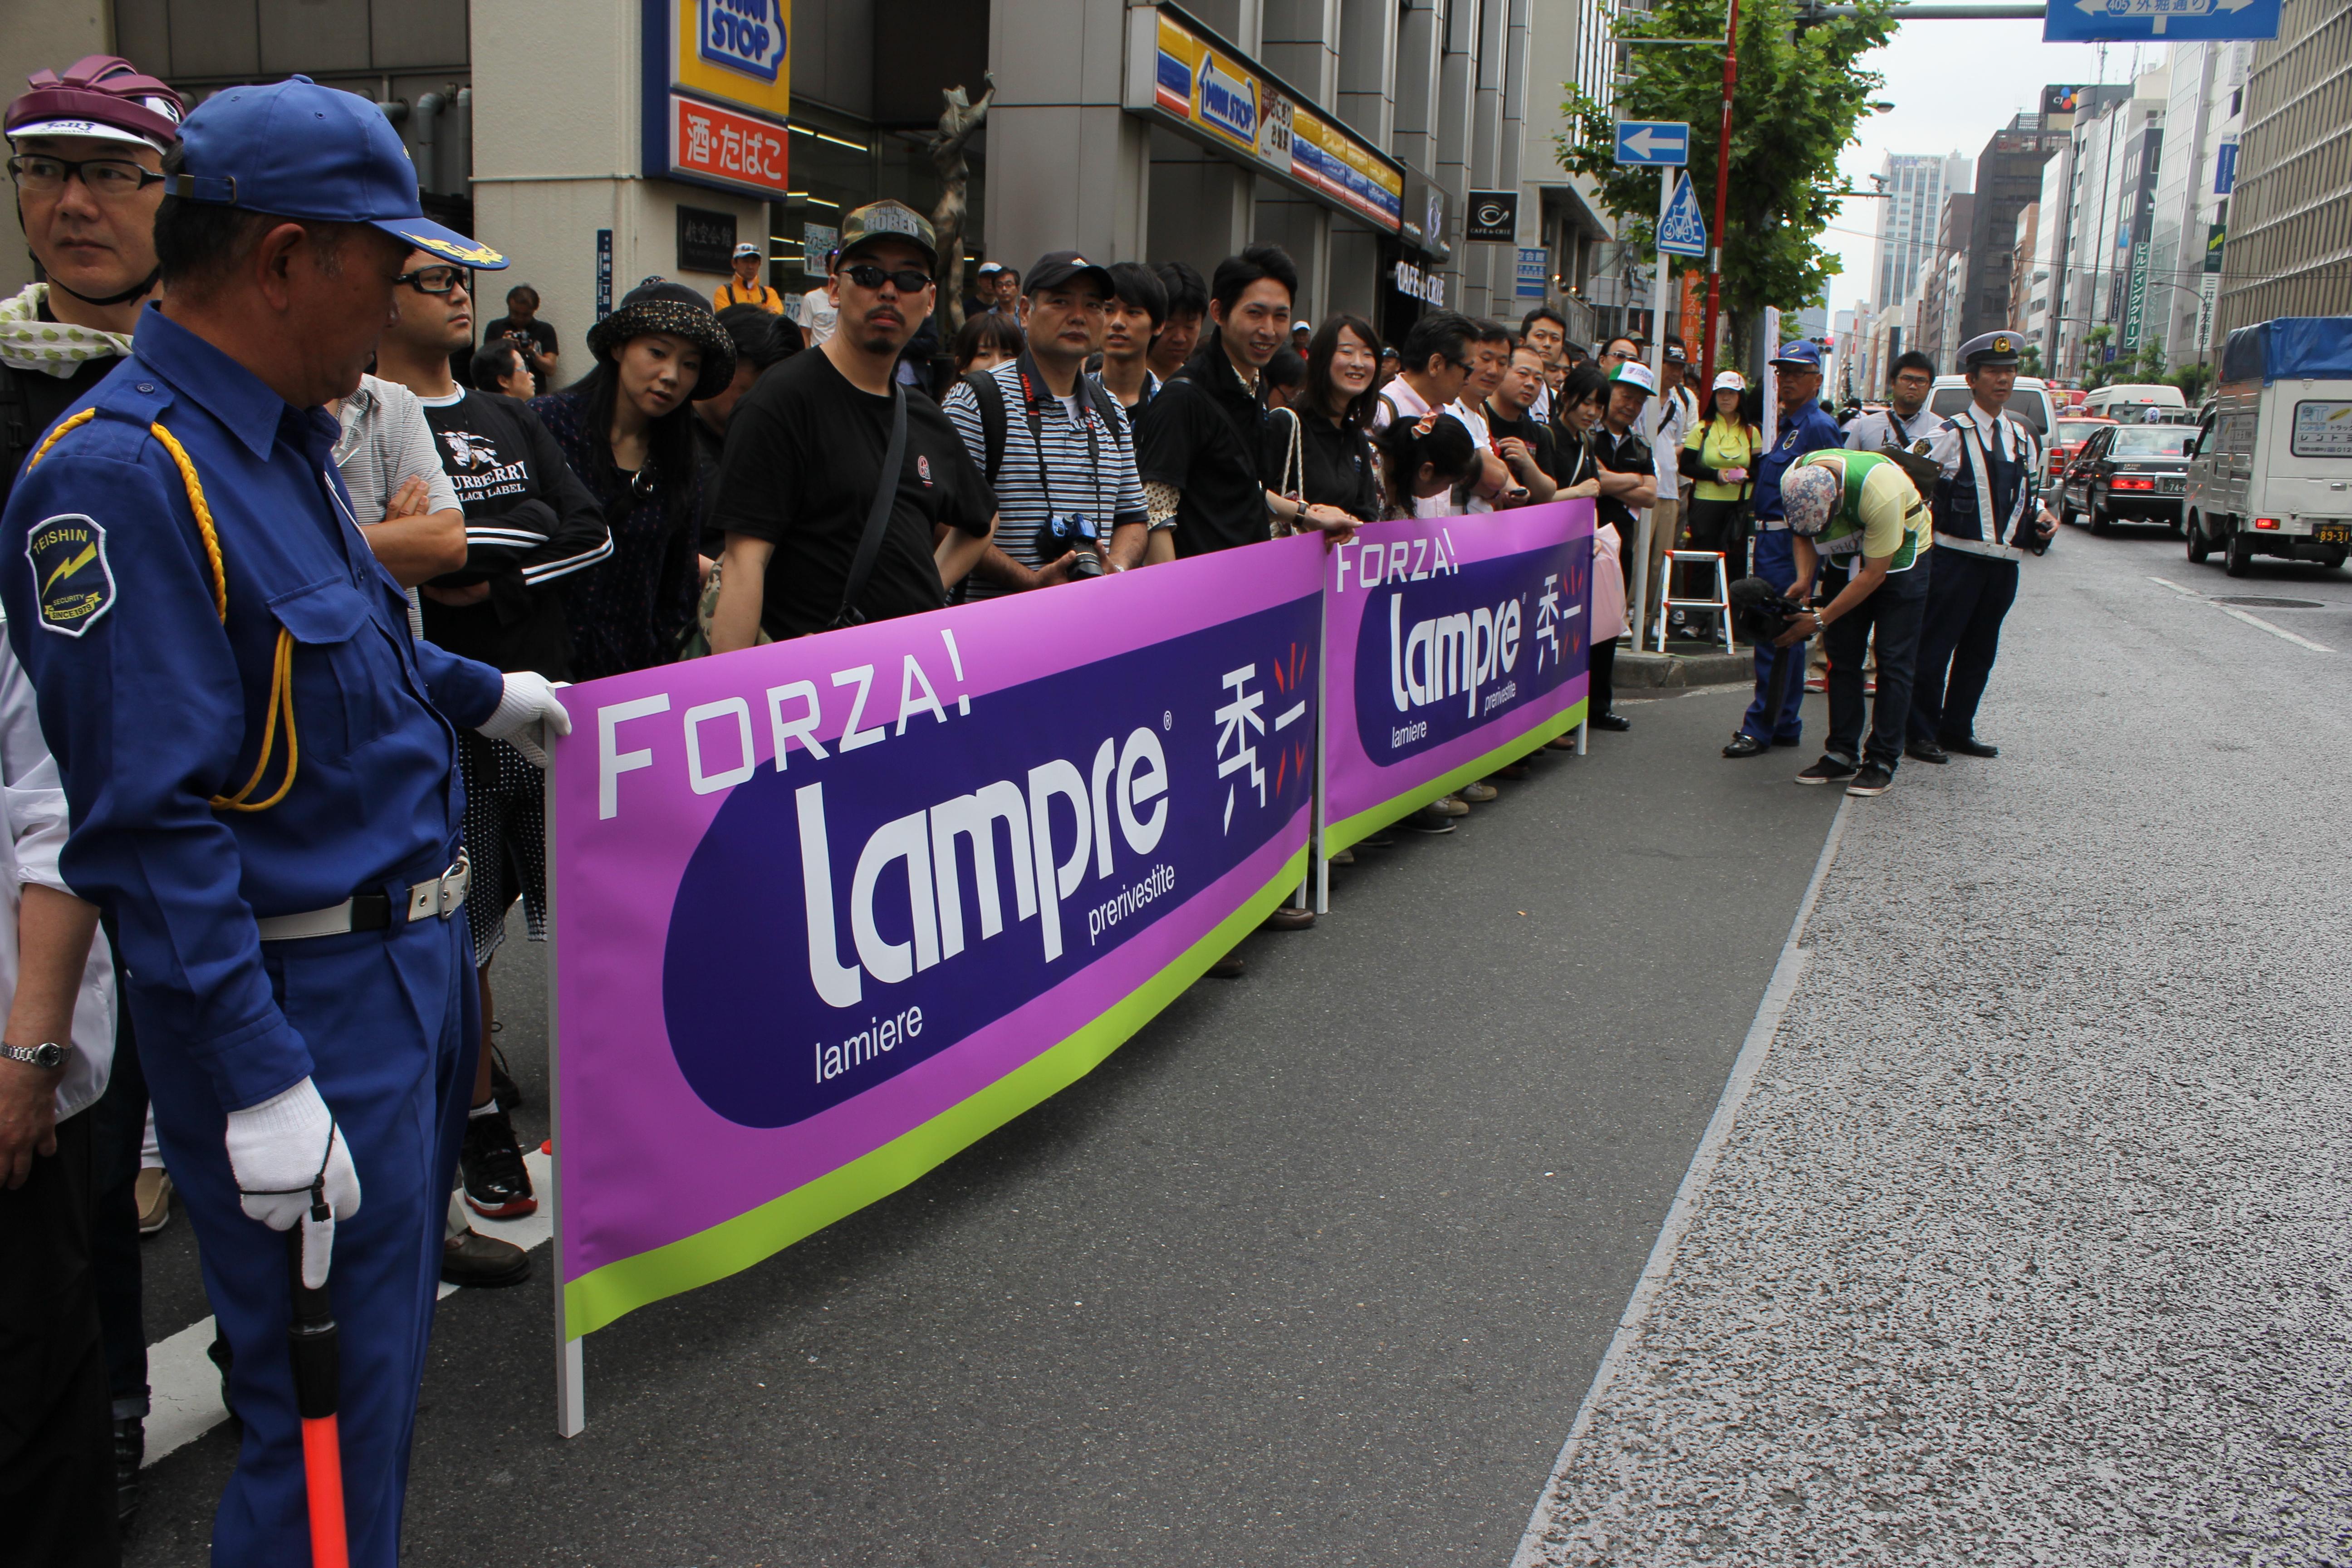 GO! team Lampre!